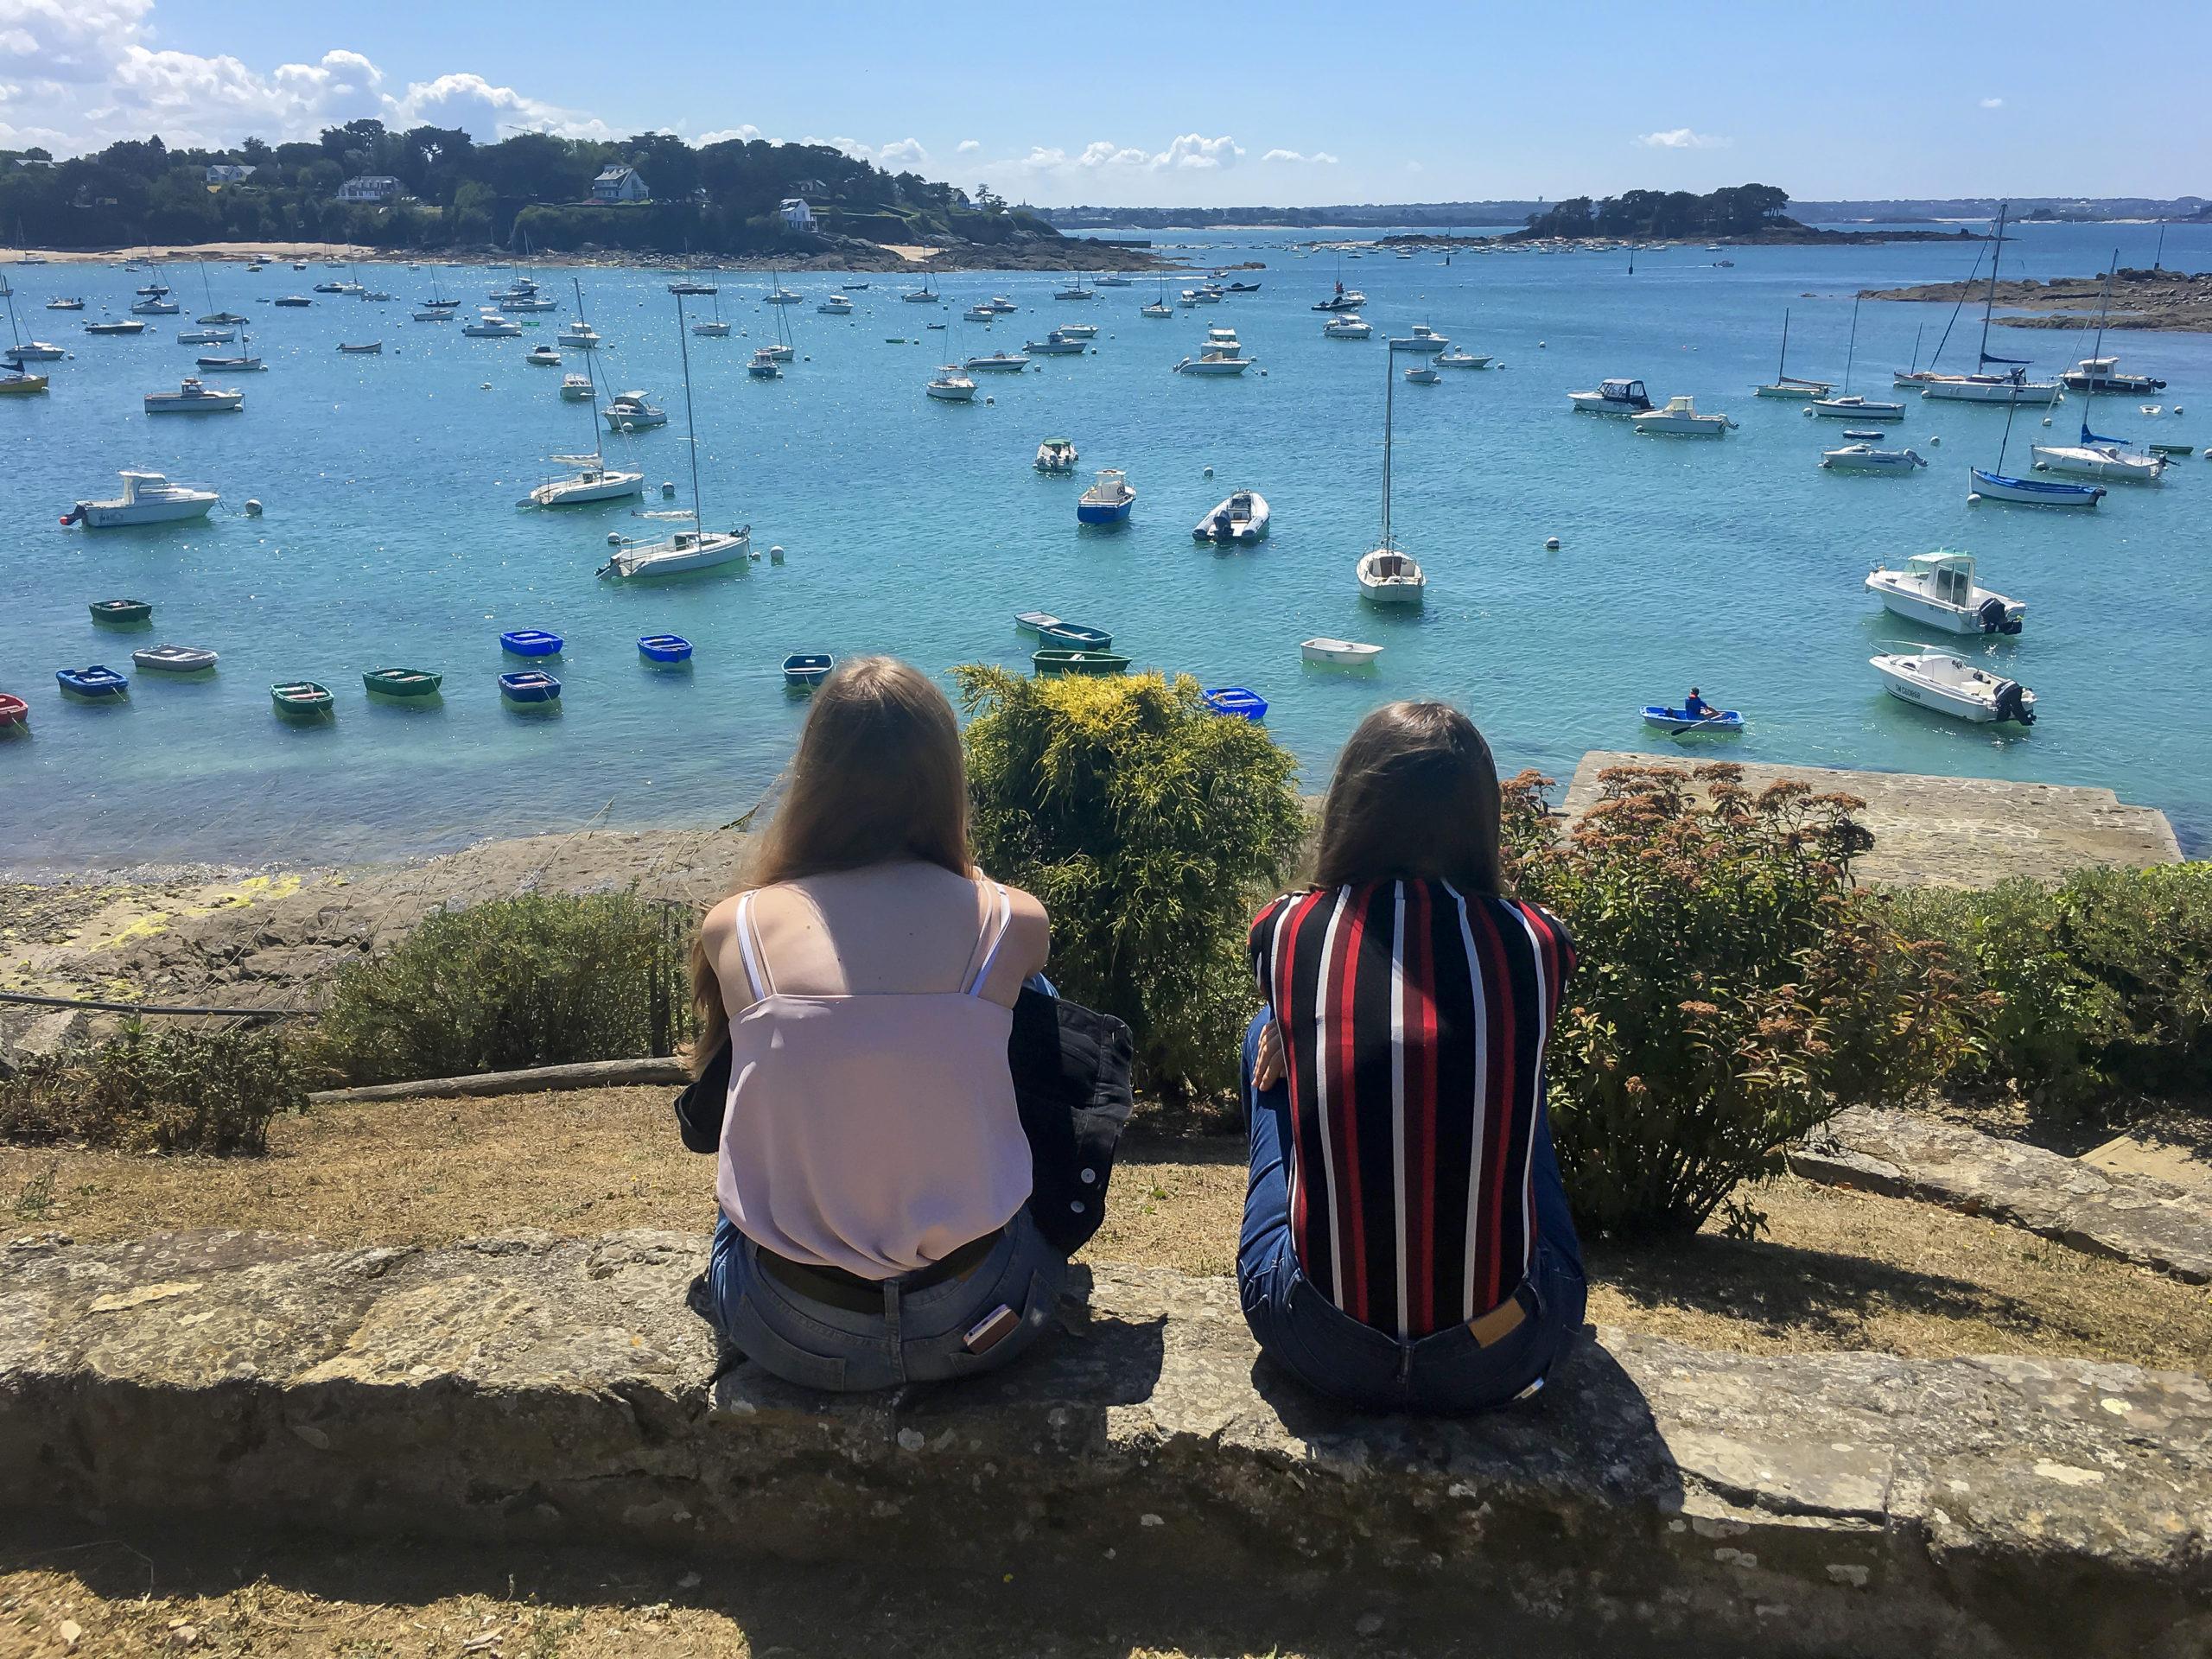 Les balades et randonnées à Saint-Malo